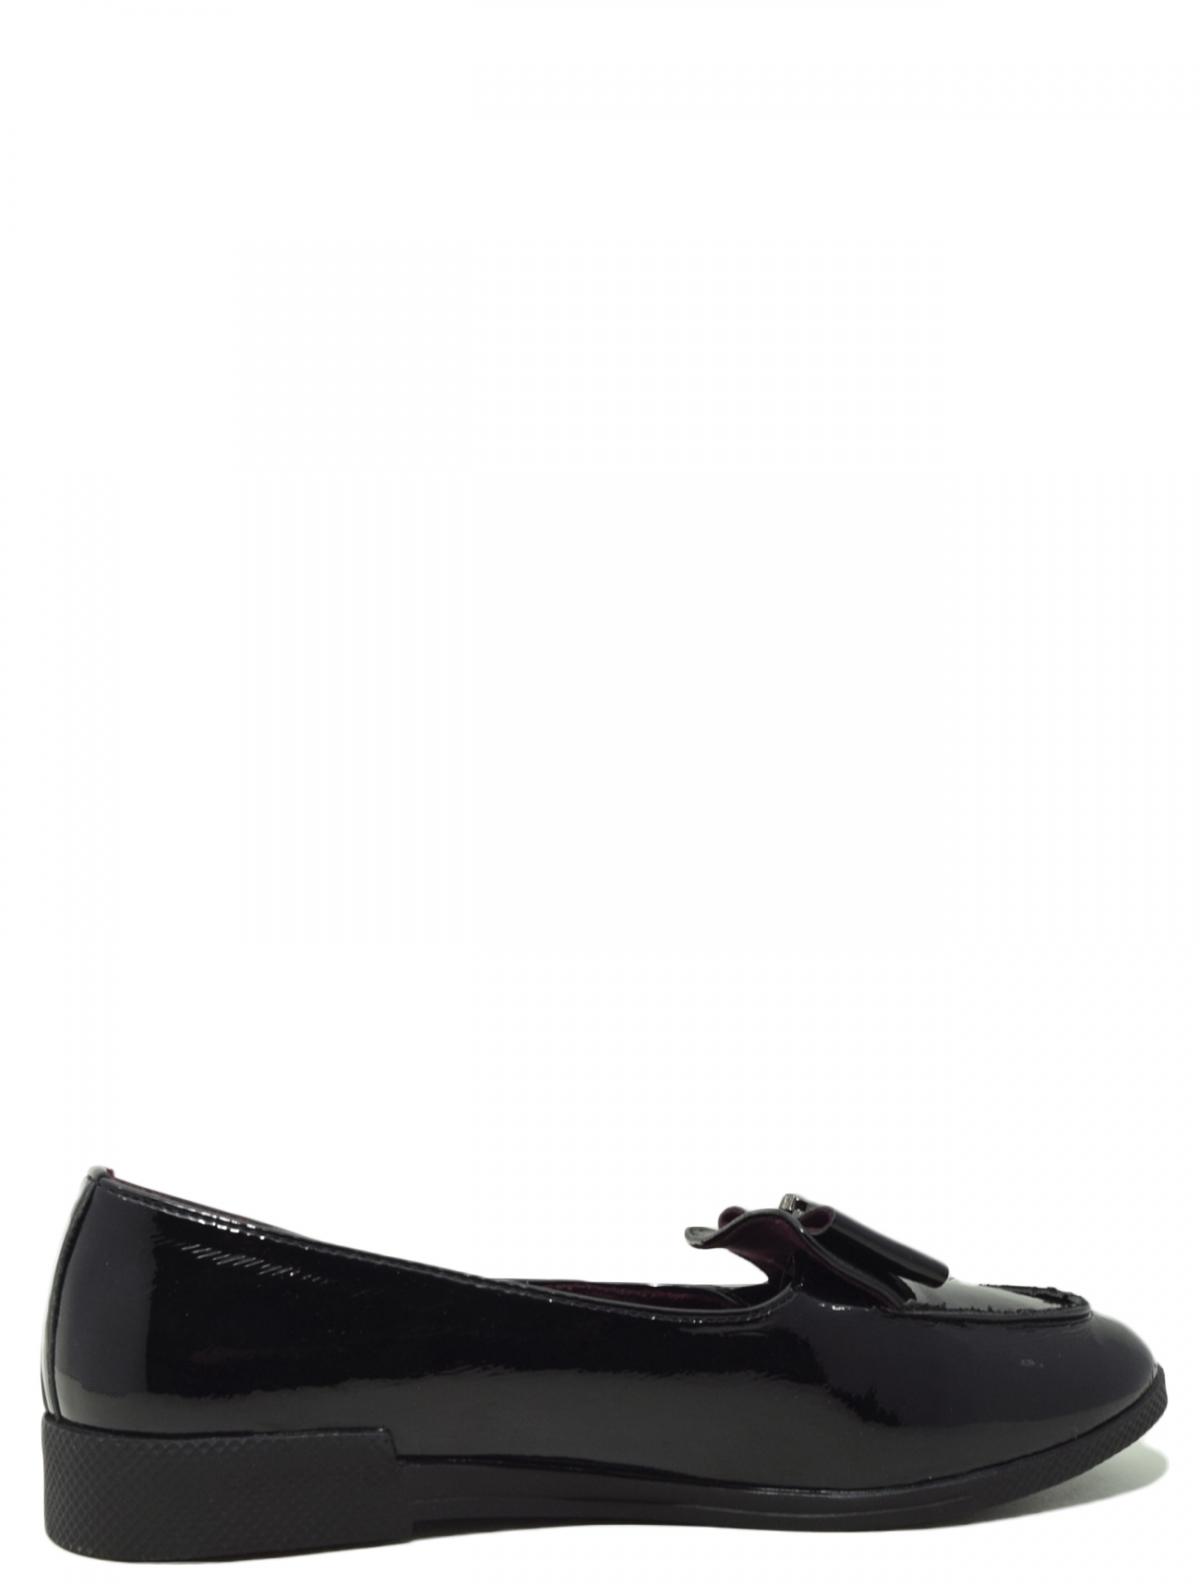 Betsy 908331/01-01 туфли для девочки